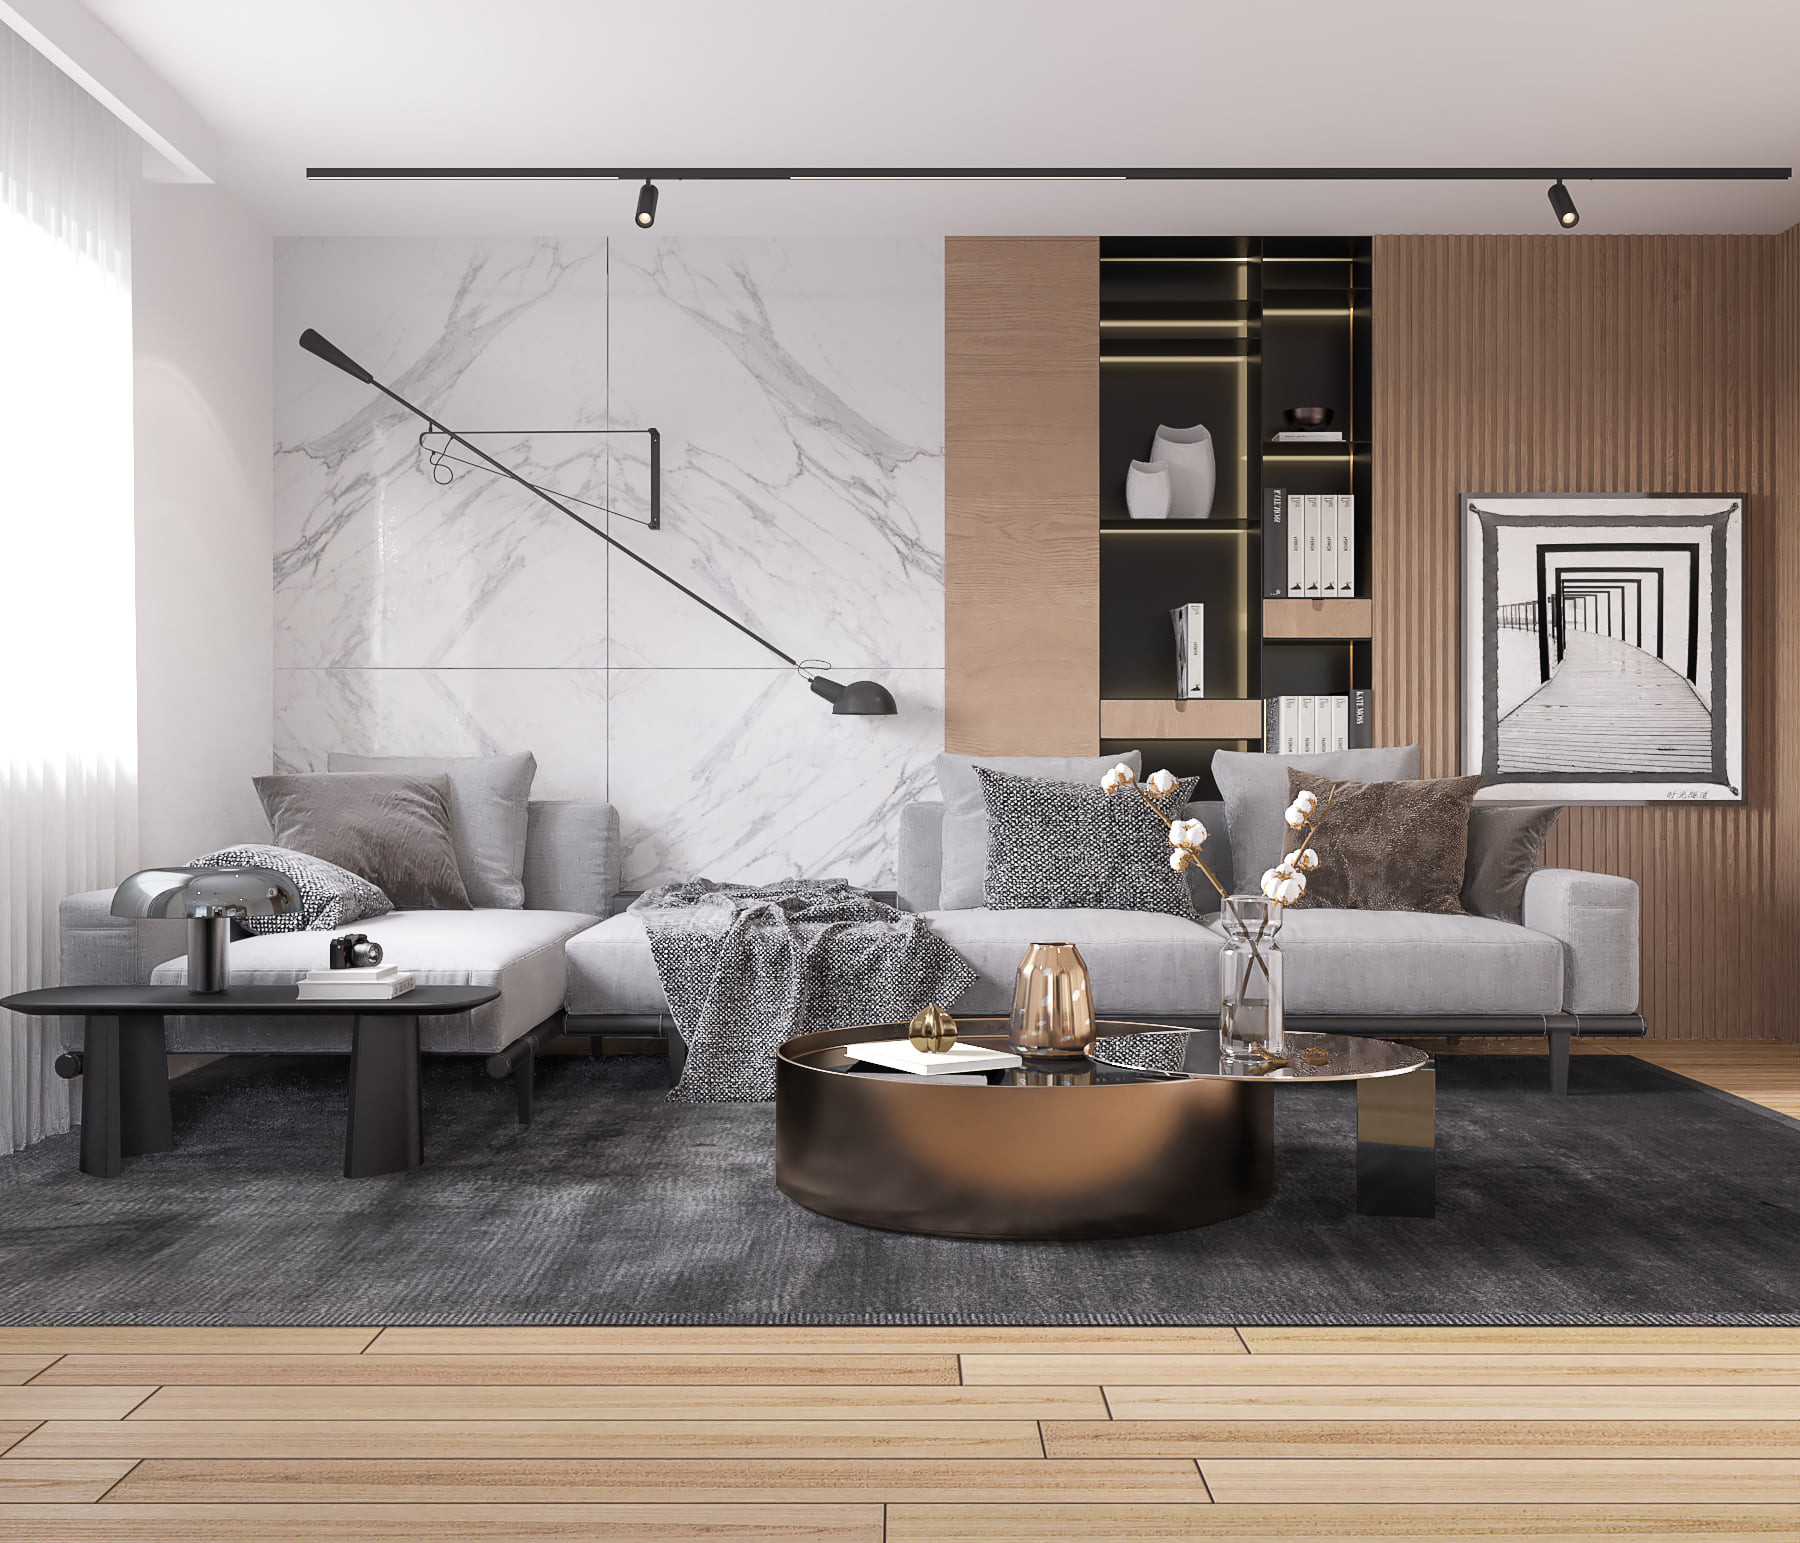 Innenvisualisierung Referenz Wohnzimmer.